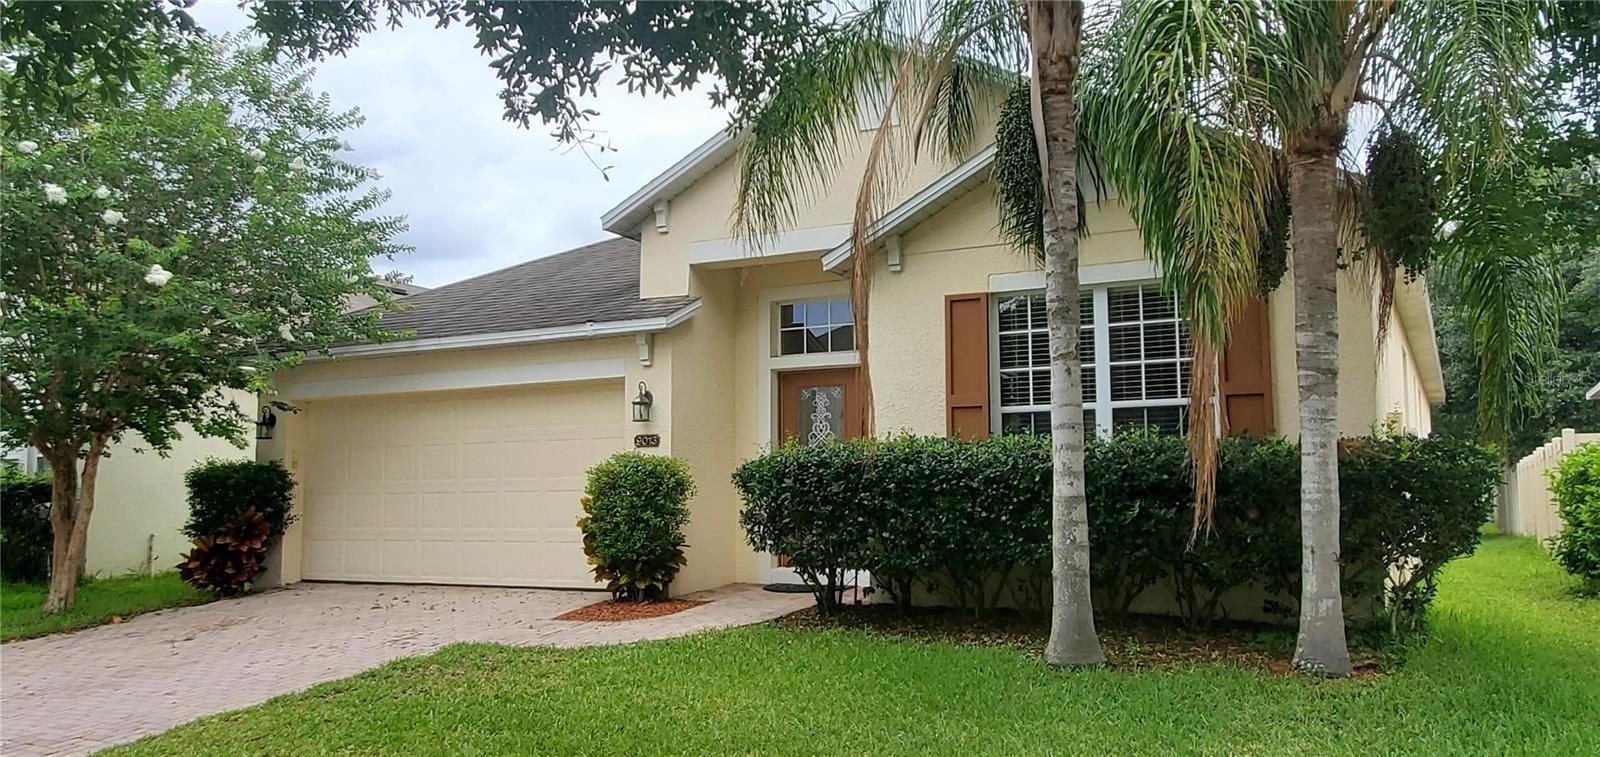 9013 FLAT ROCK LANE, Orlando, FL 32832 - MLS#: O5950540